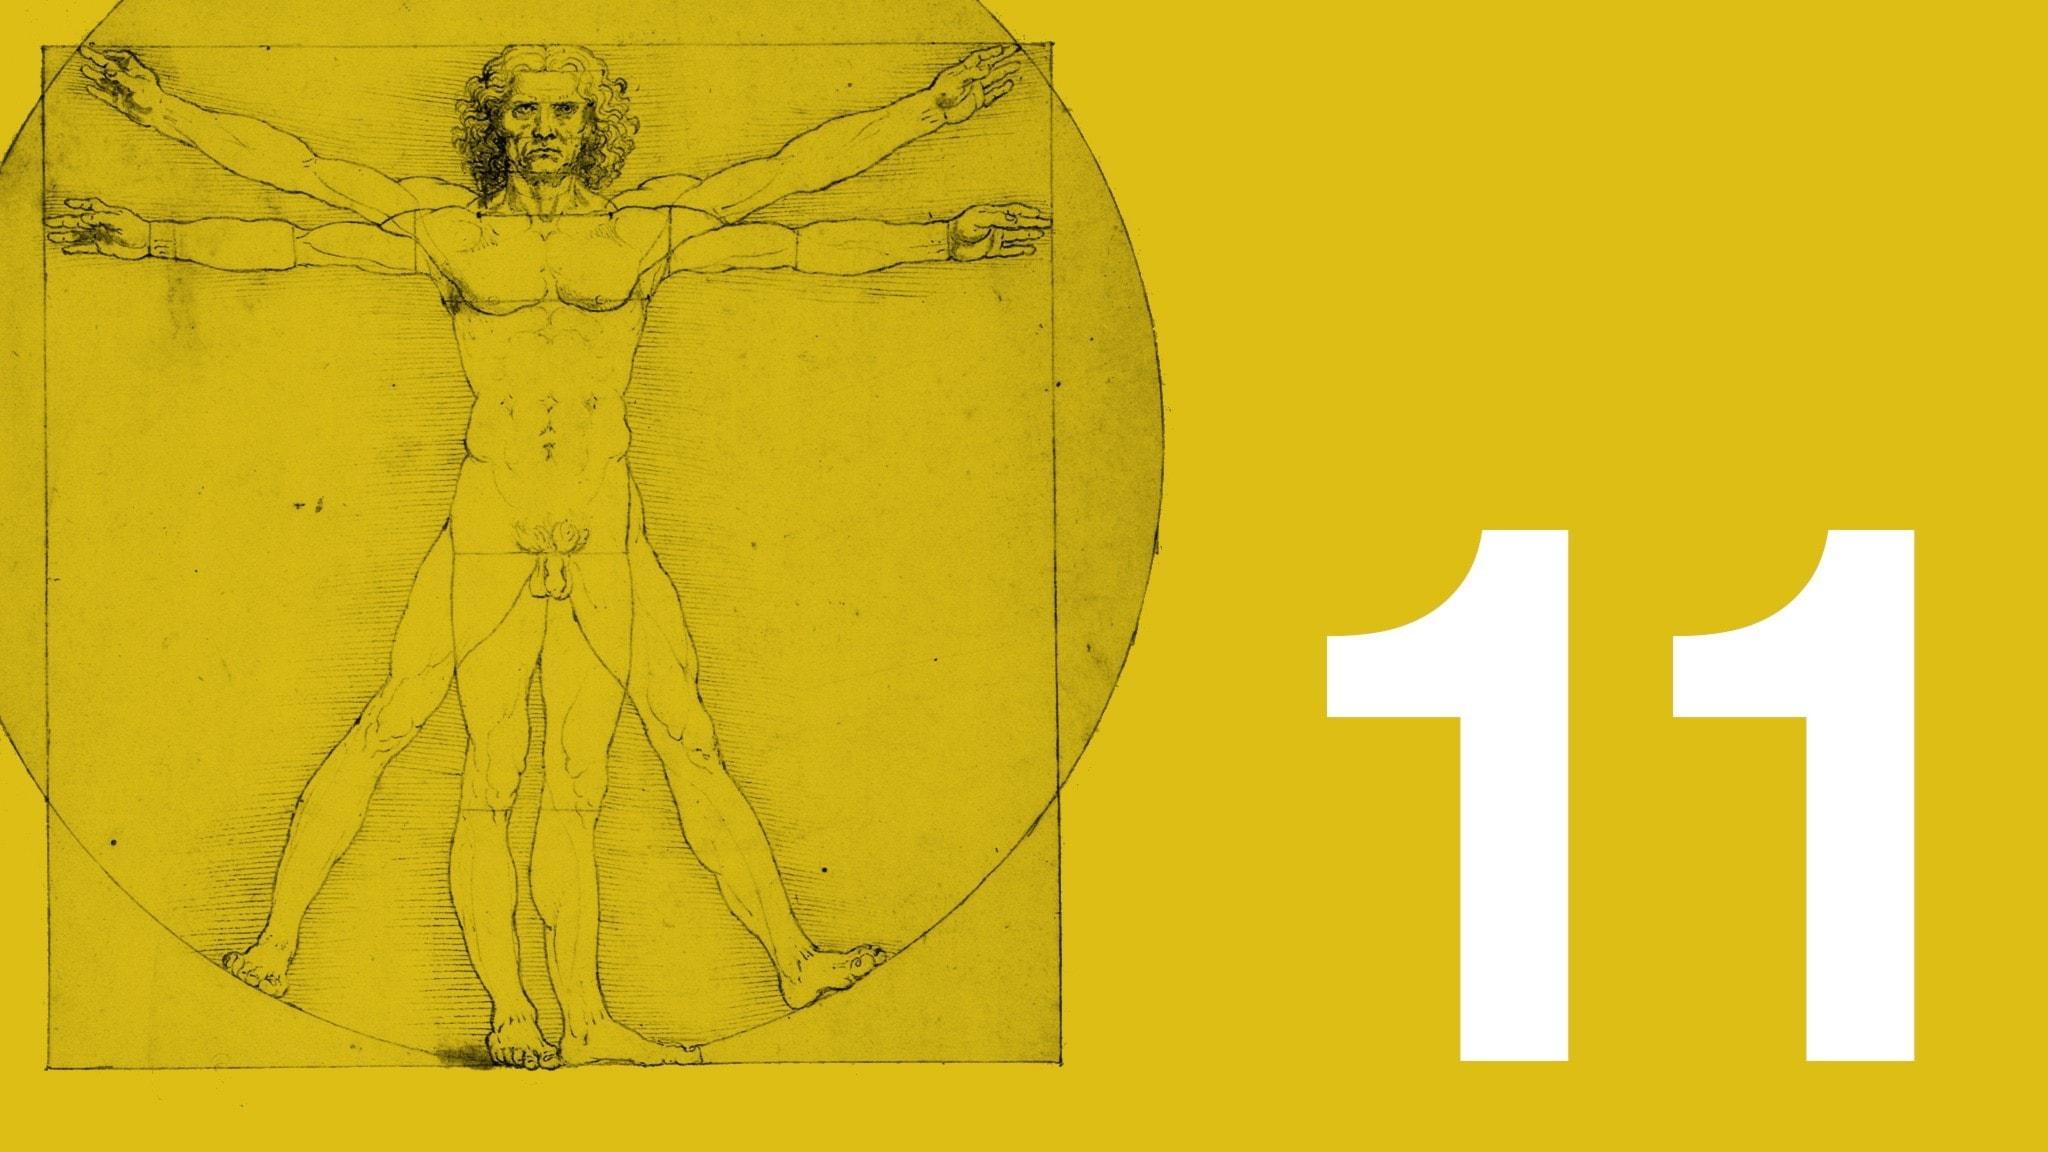 Bilden visar ett utsnitt av Leonardo da Vincis teckning den vitruvianske mannen, som ofta har fått stå som sinnebild för människans ideala proportioner. Teckningen är till vänster i bild. Bakgrundsfärgen är ockragul. Längst ner till höger syns en vit elva.